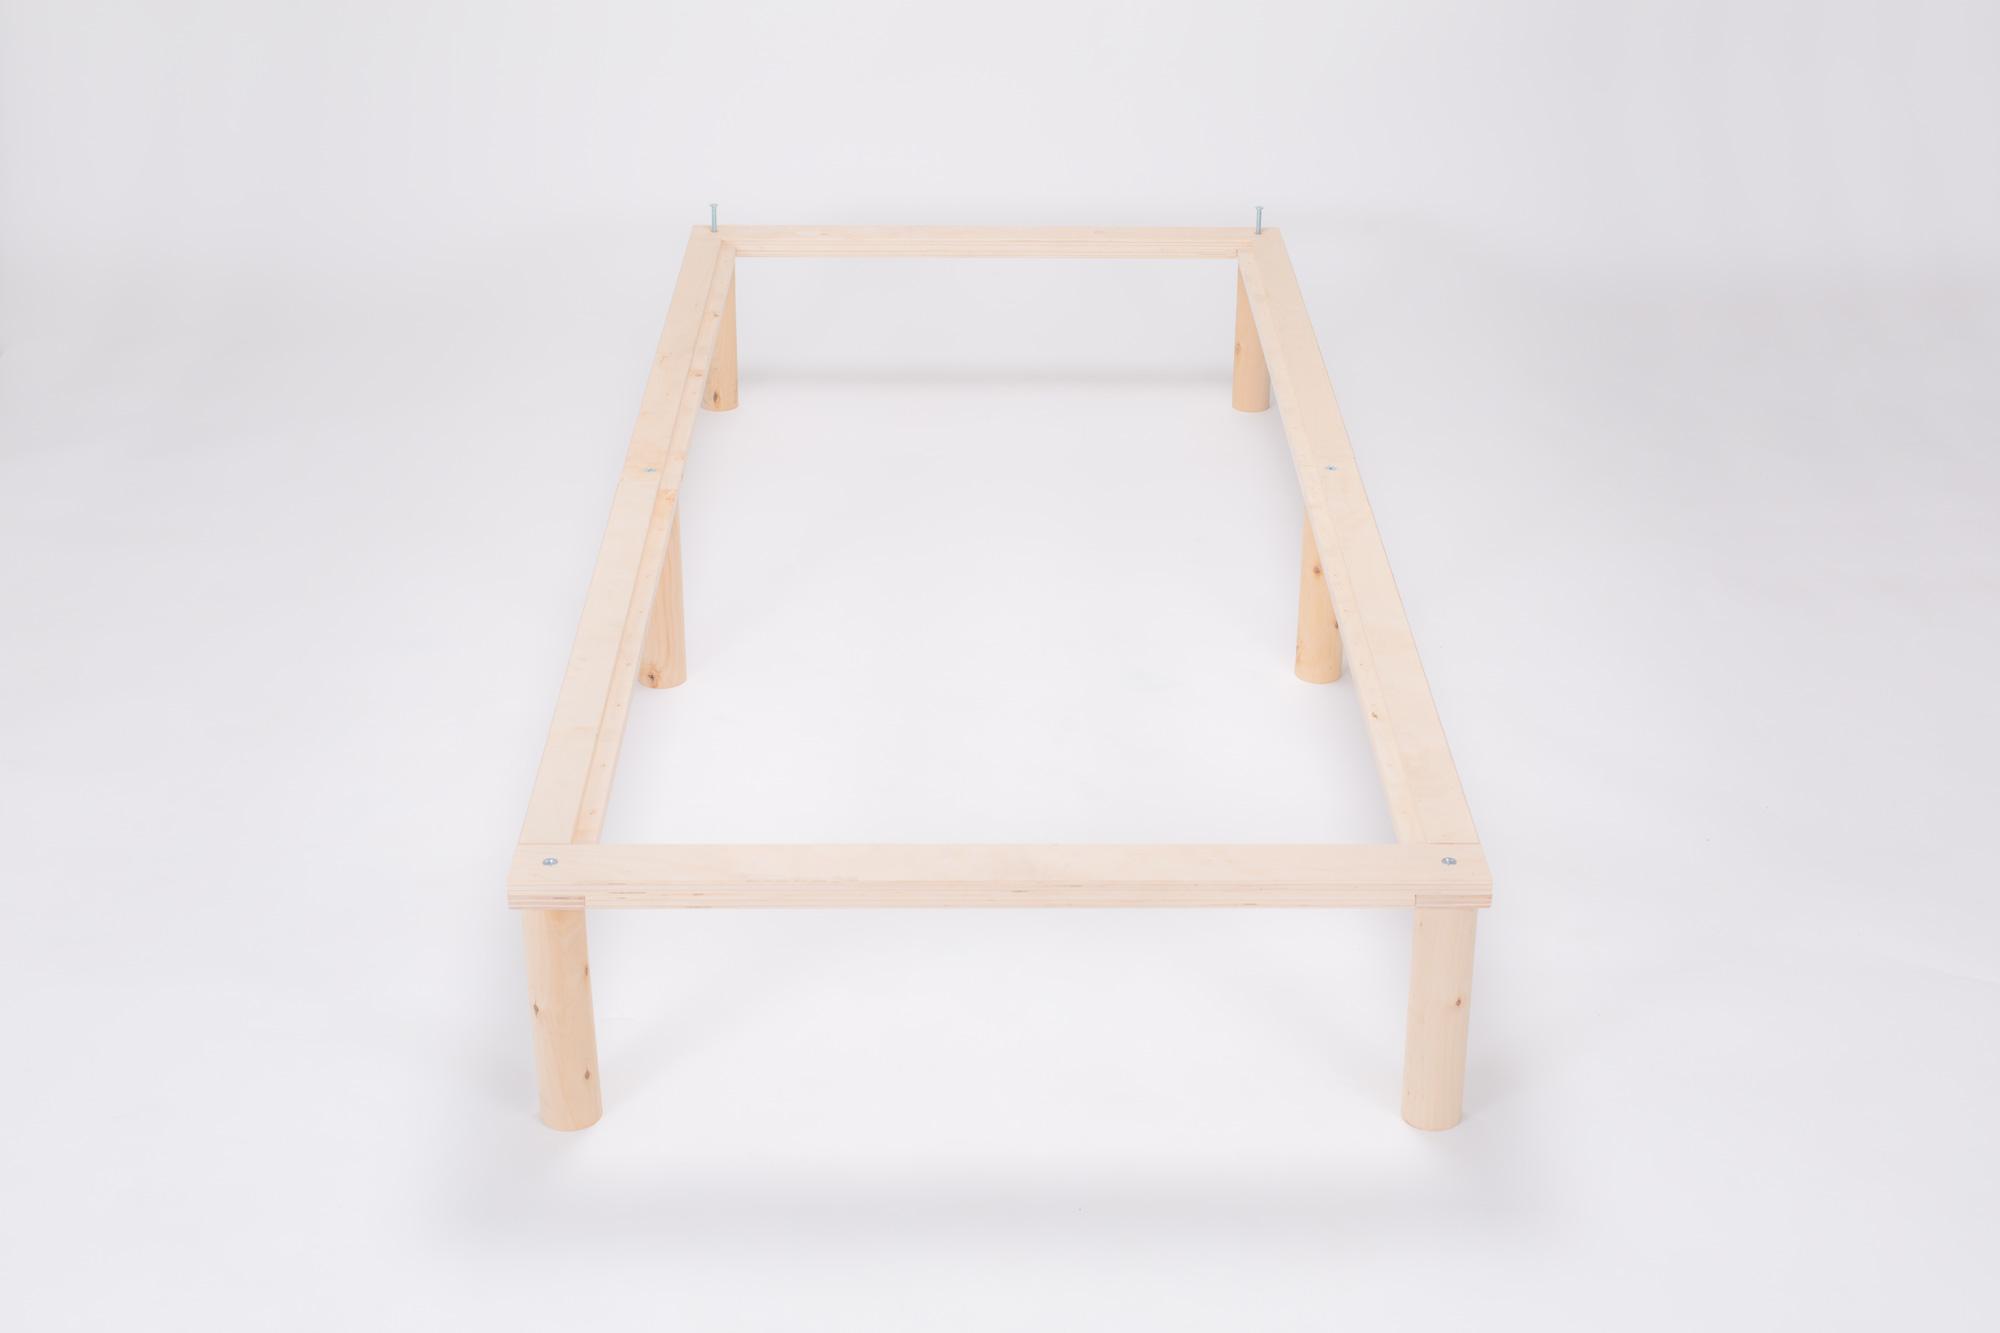 Gigapur G1 29715 Bett | Lattenrost und Bettgestell | Birke Natur Schicht-Holz | Bettrahmen belastbar bis 195Kg | 170 x 200 cm (1 x 80 x 200 cm + 1 x 90 x 200 cm)